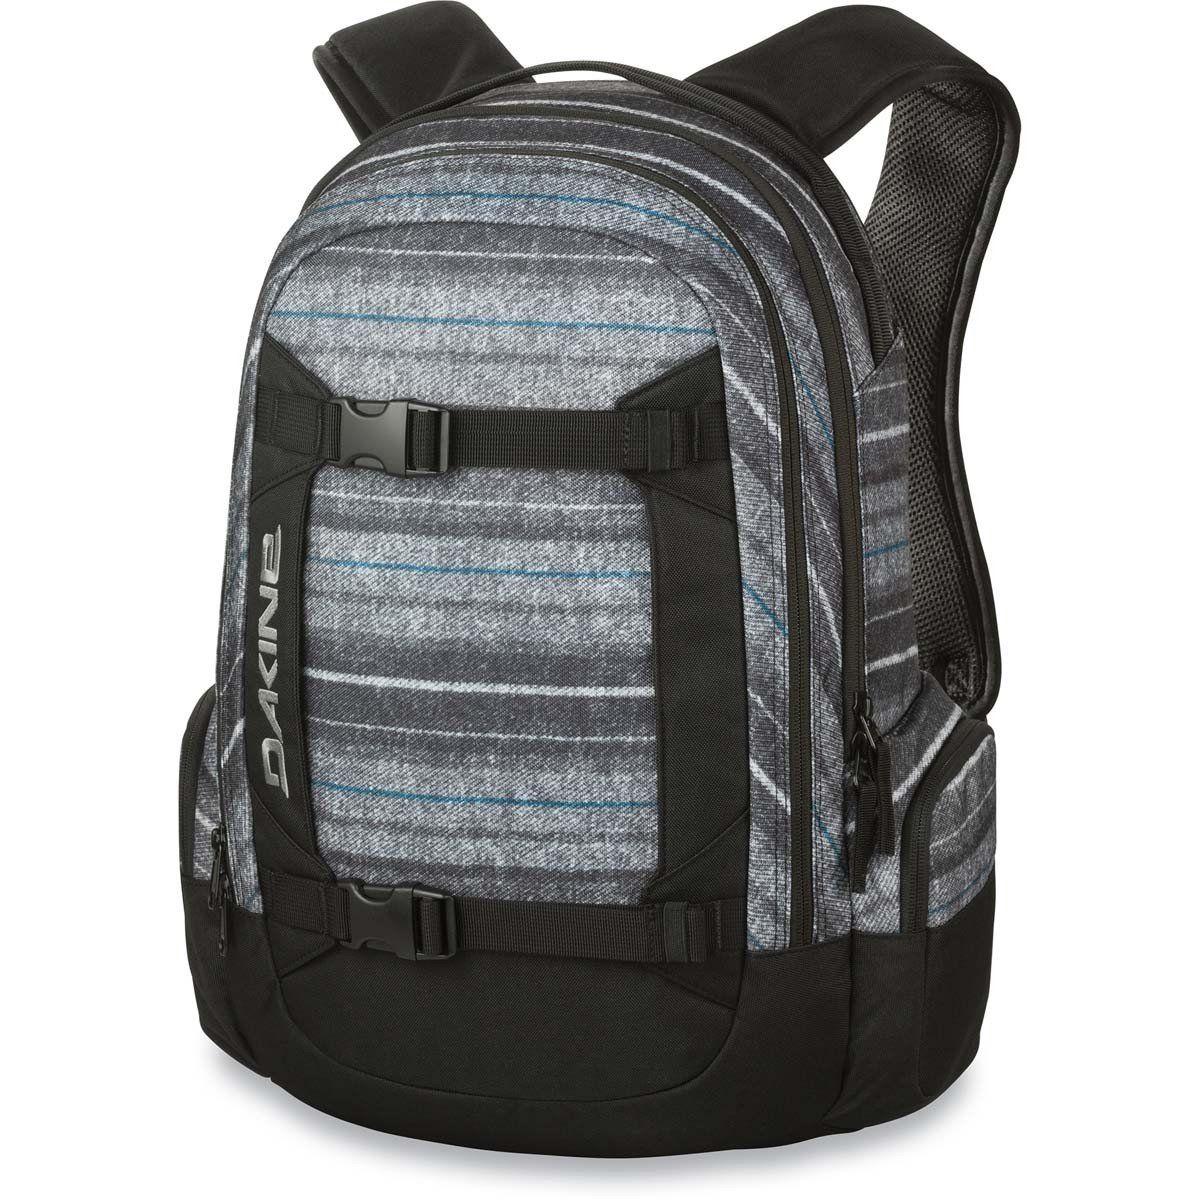 Mission 25l Backpack Color Outpost Mariner Backpacks Dakine Backpacks 25l Backpack